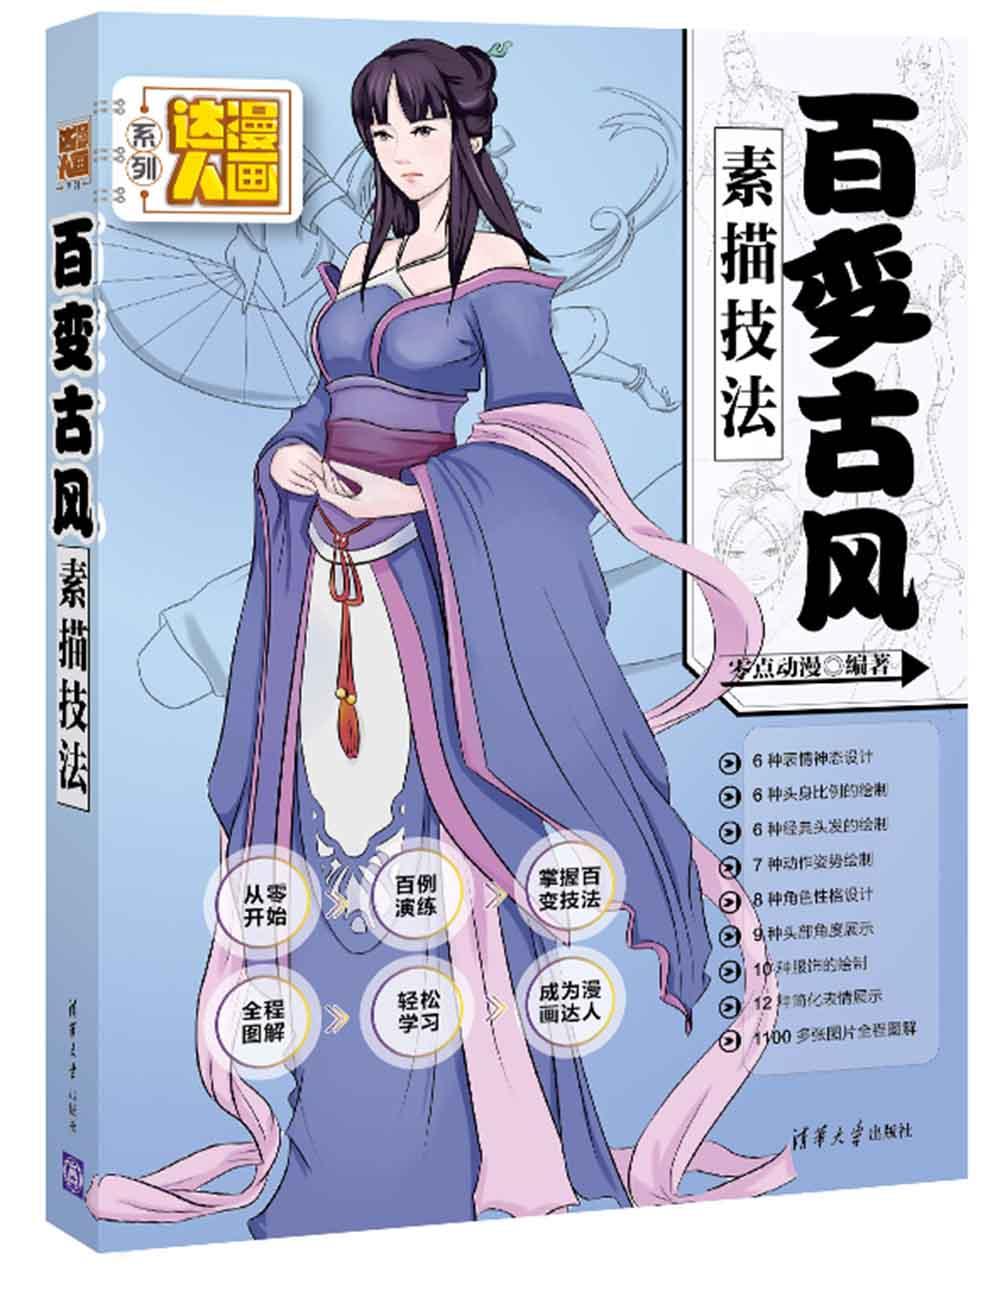 本书适合各类漫画初学者,特别是百变古风漫画爱好者,漫画设计人员